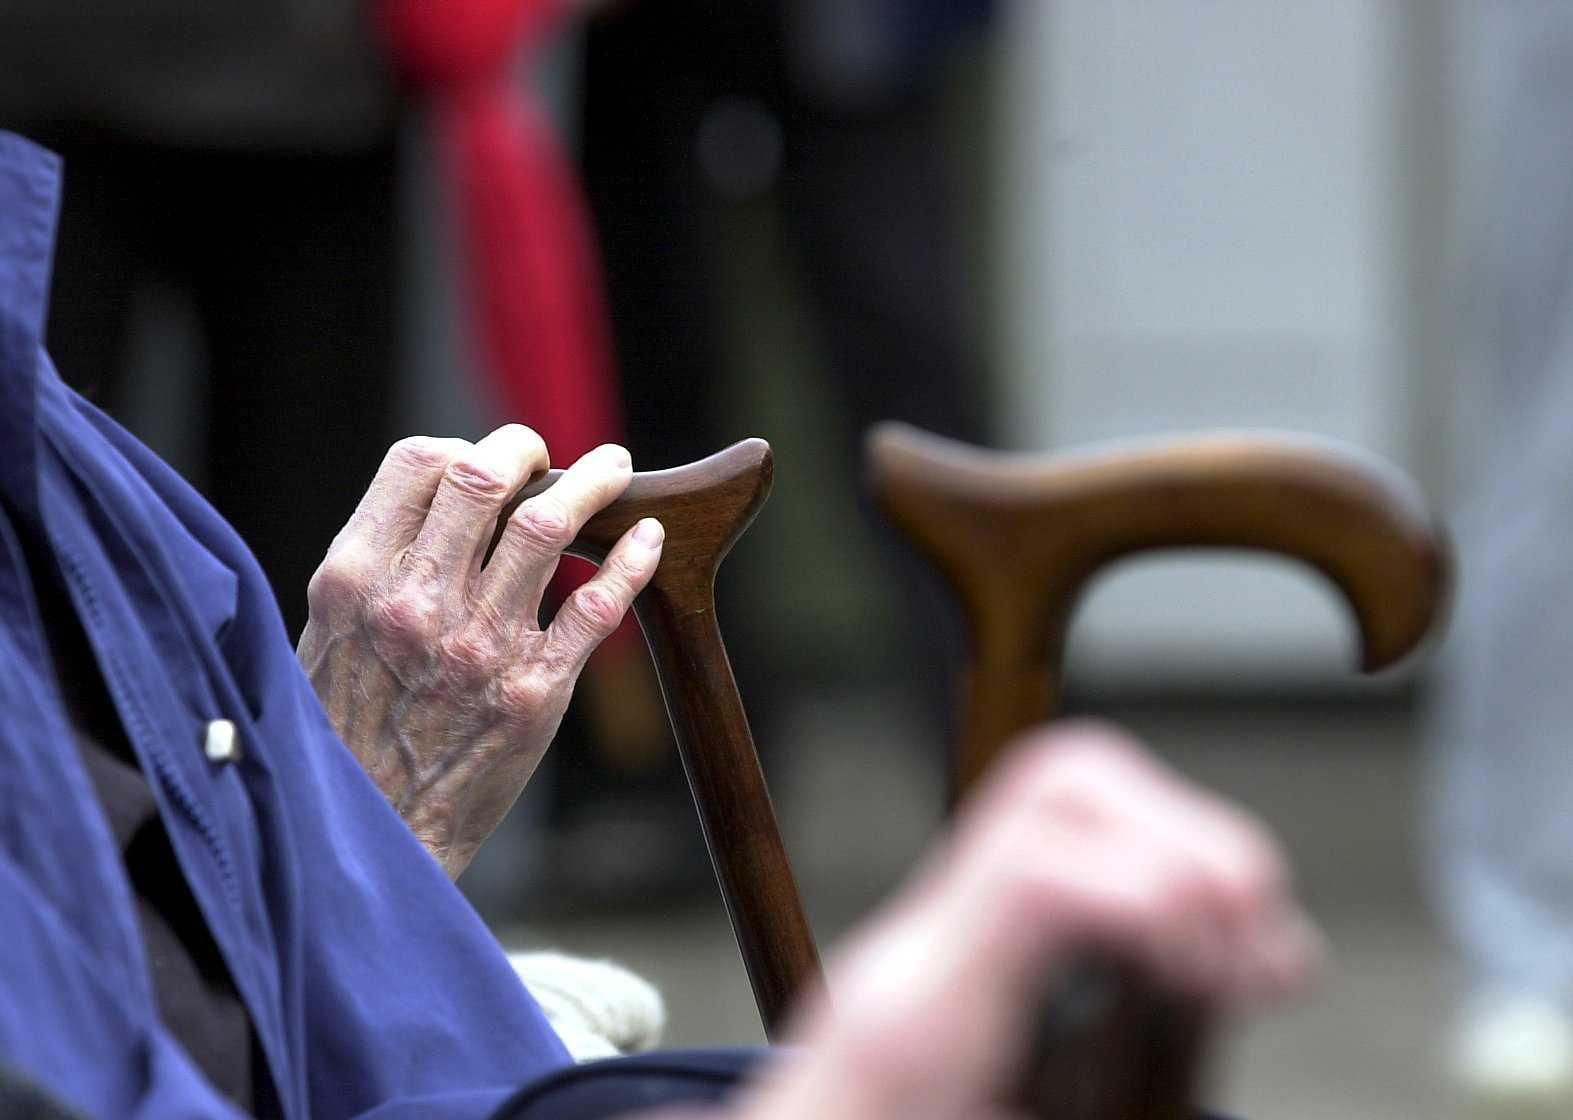 Kvinnor världen över lever i genomsnitt nu till 74,2 års ålder – 4,4 år längre än männen, rapporterar Världshälsoorganisationen WHO. Arkivbild.